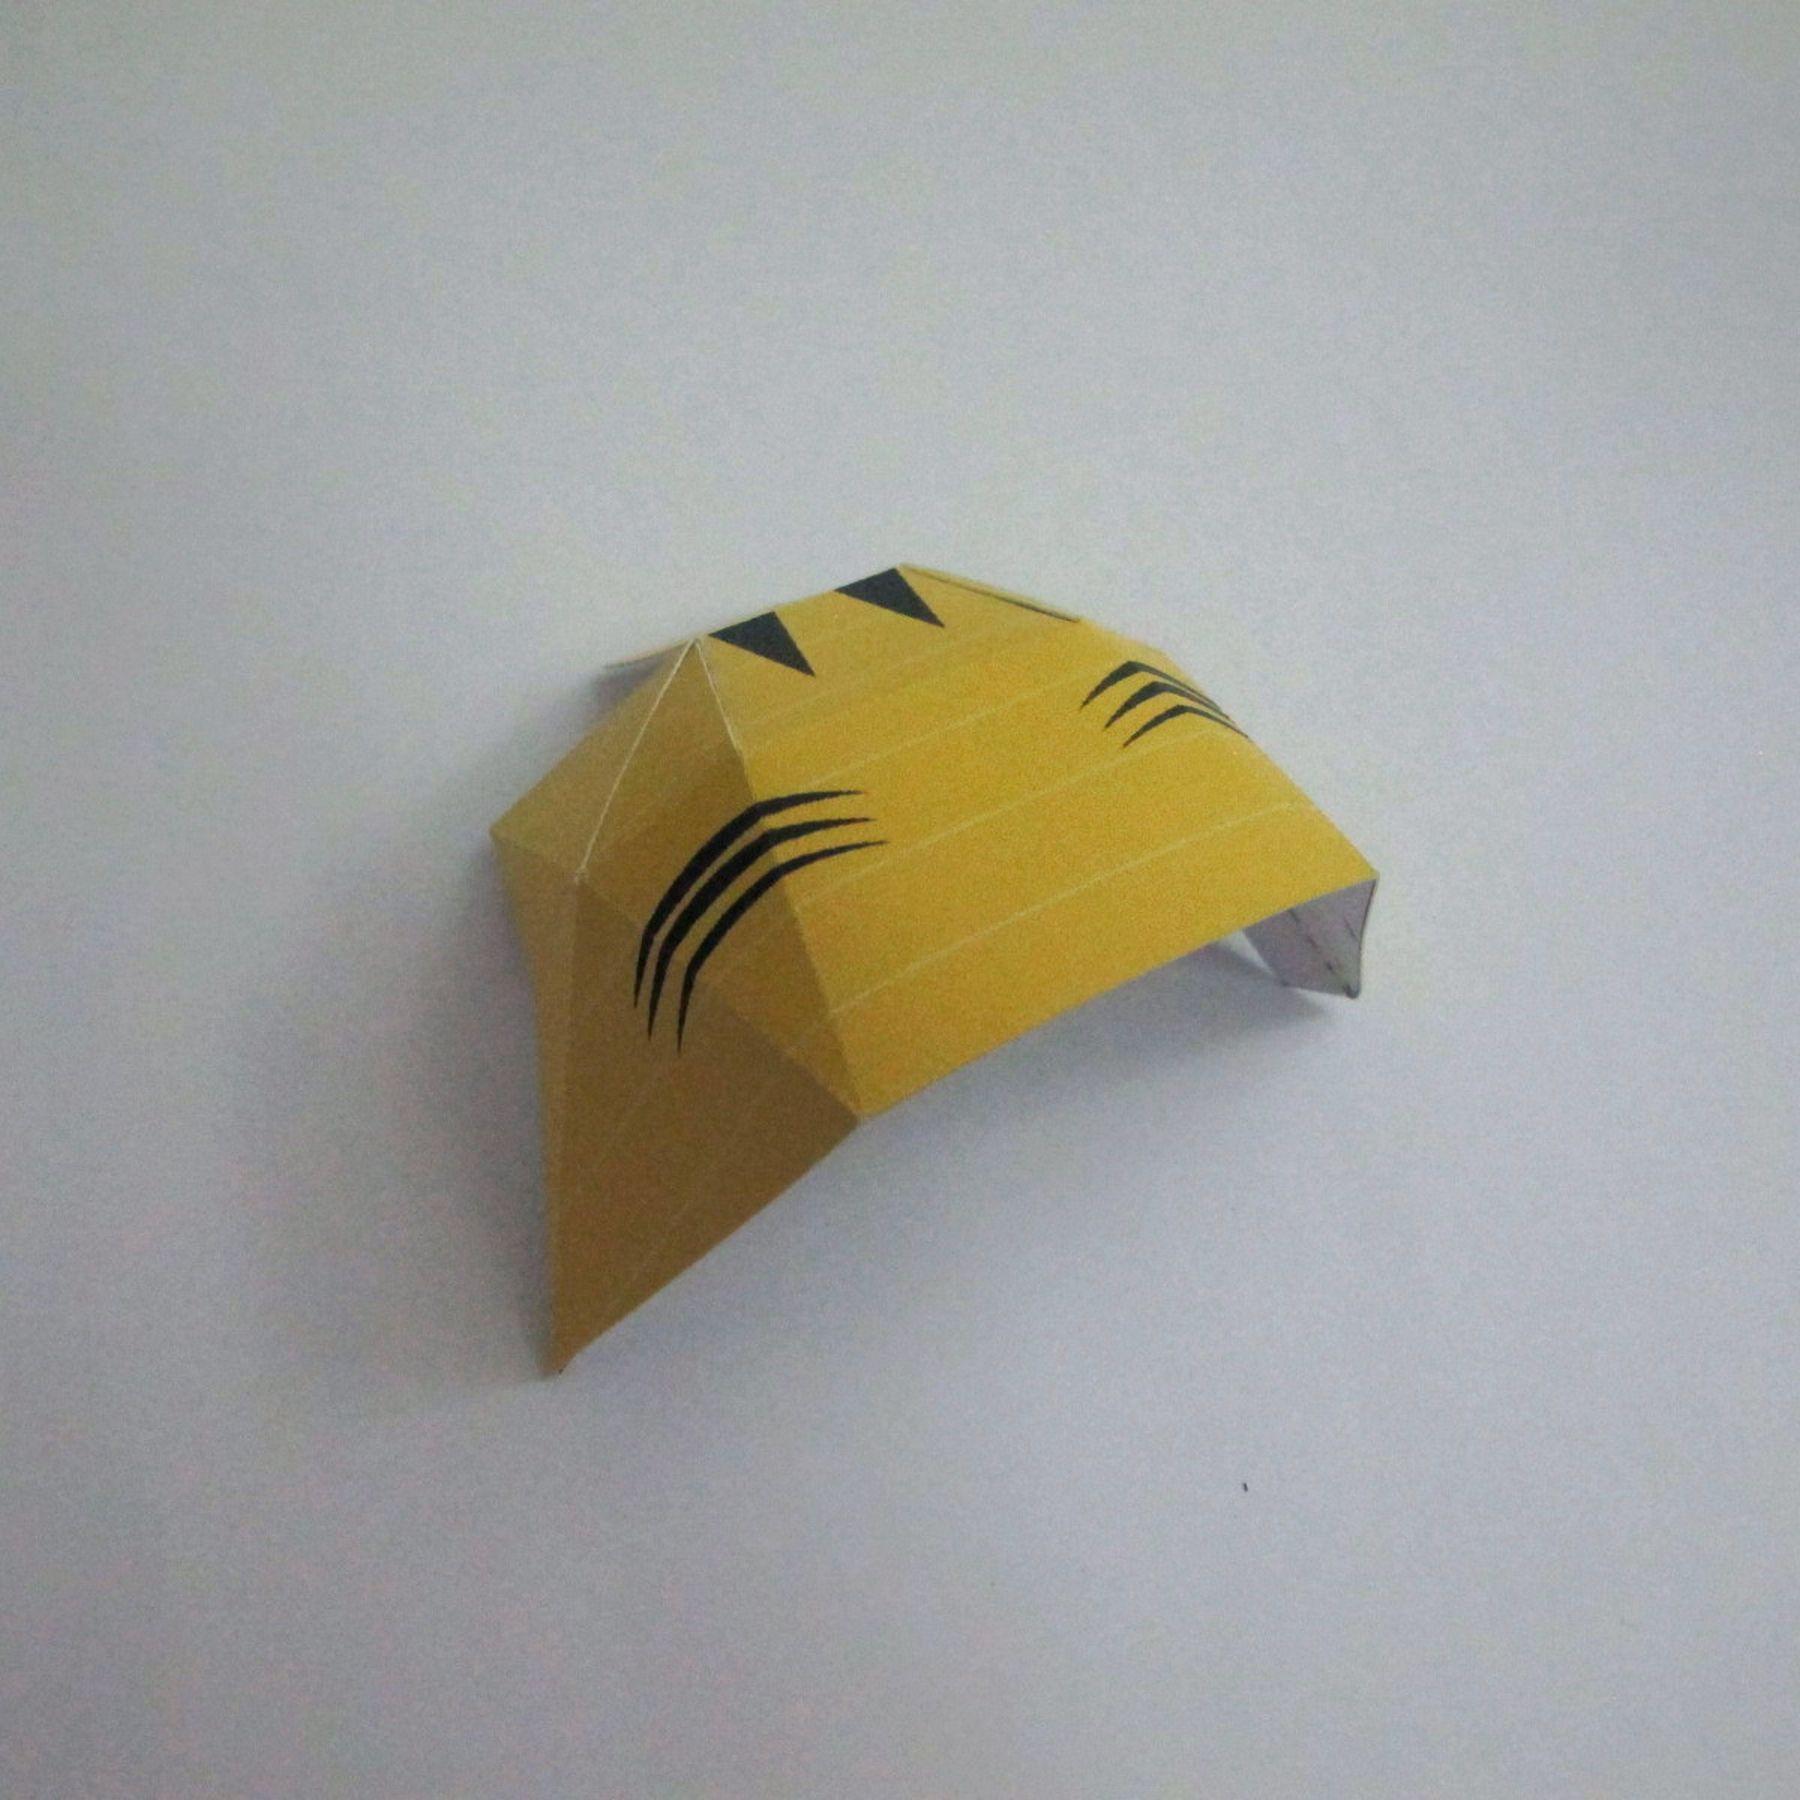 วิธีทำของเล่นโมเดลกระดาษ วูฟเวอรีน (Chibi Wolverine Papercraft Model) 024